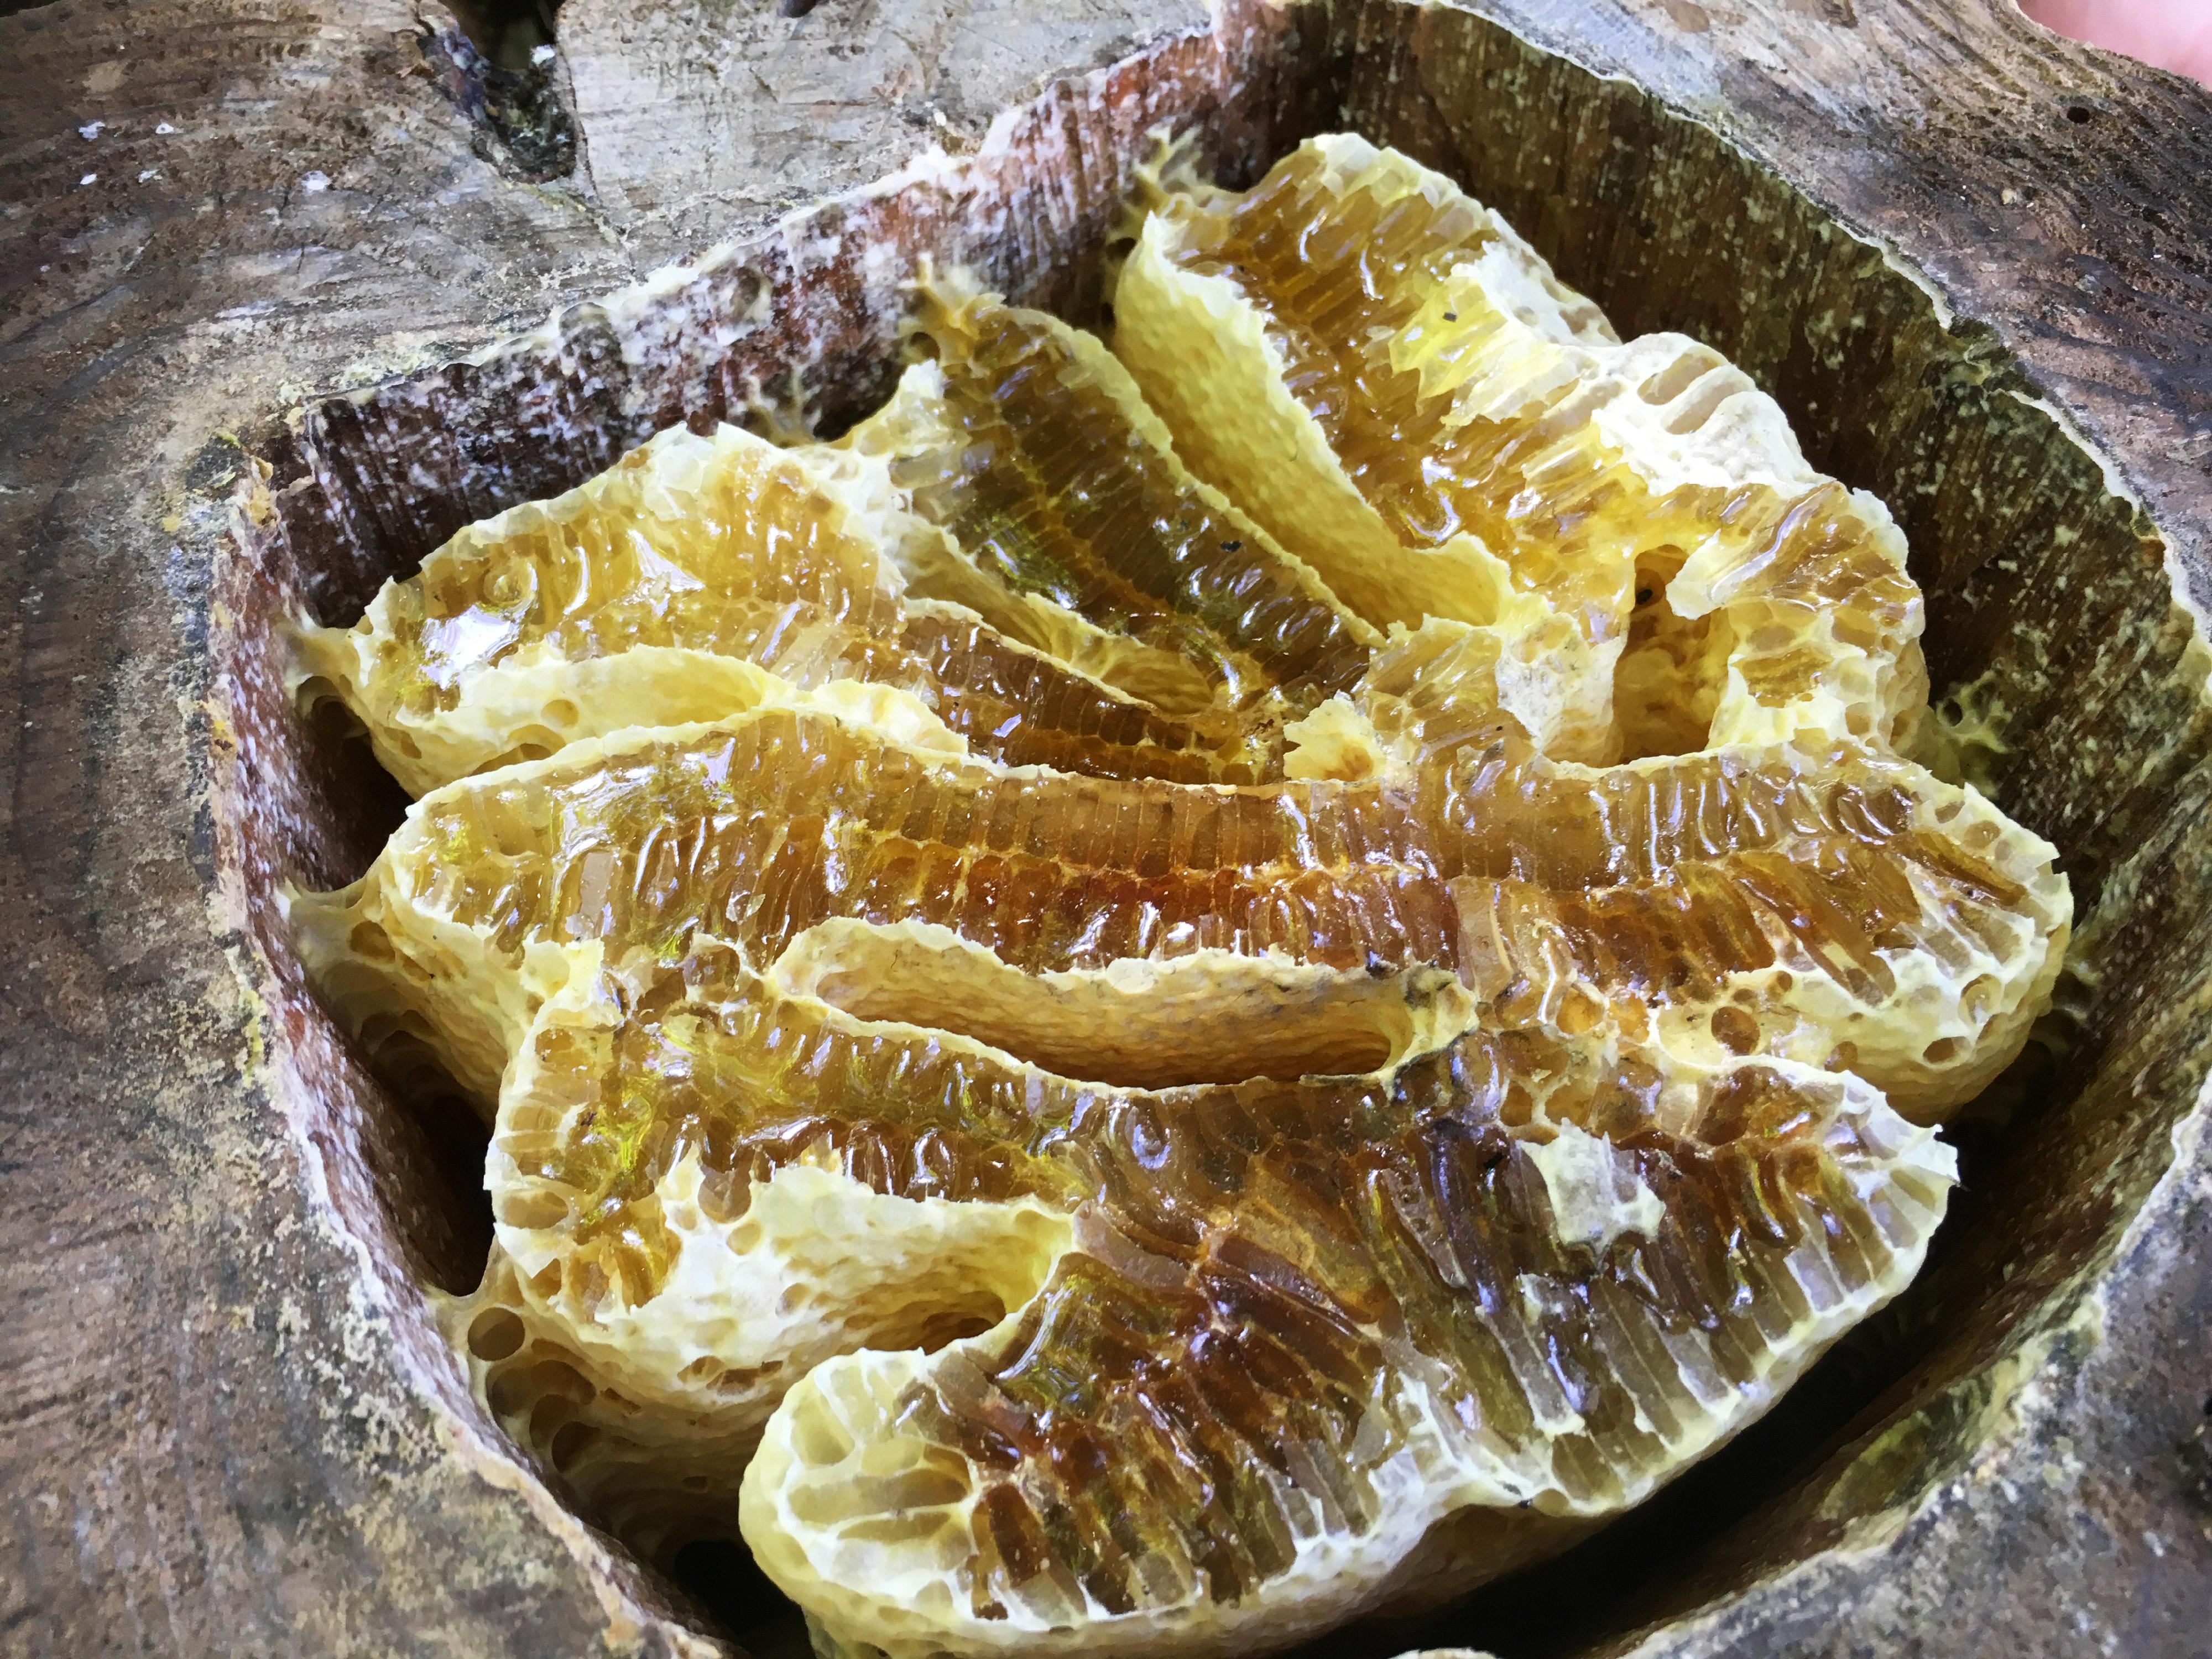 日本ミツバチの巣蜜